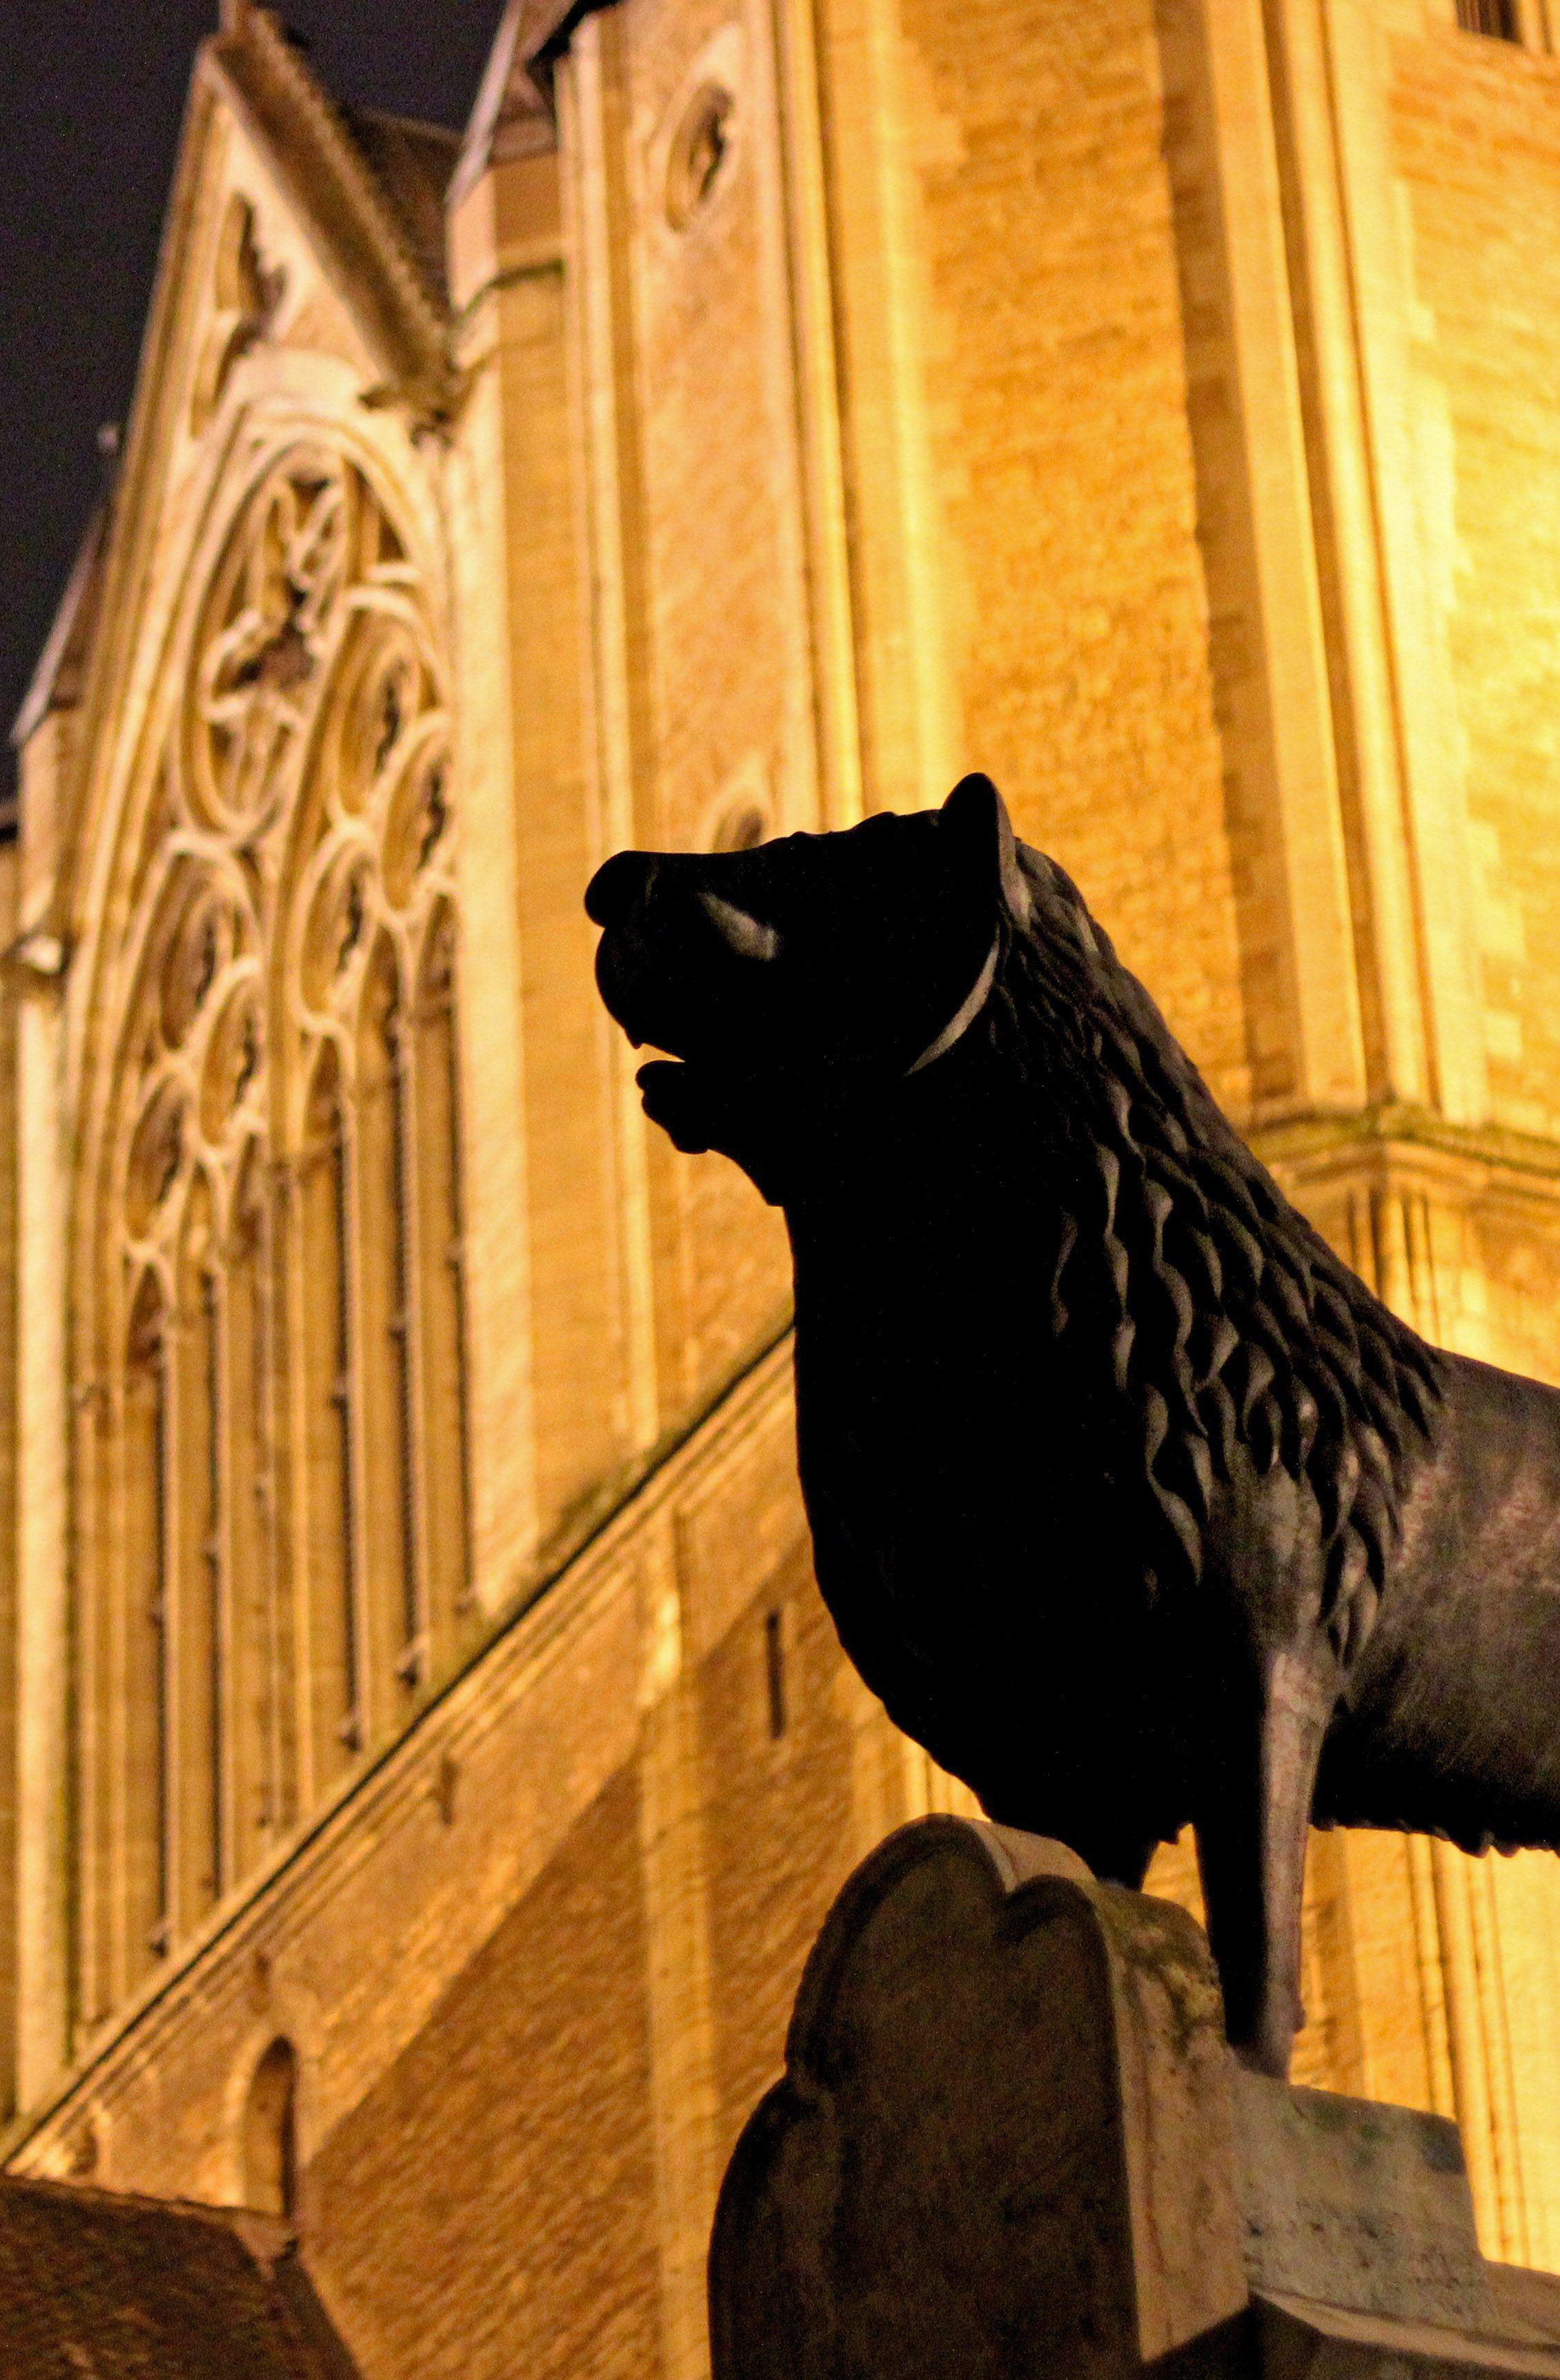 Braunschweigs Wahrzeichen Der Lowe Kann Auf Dem Burgplatz In Historischer Kulisse Besichtigt Werden Im Hintergrund Ist Der Brau Braunschweig Burg Innenstadt